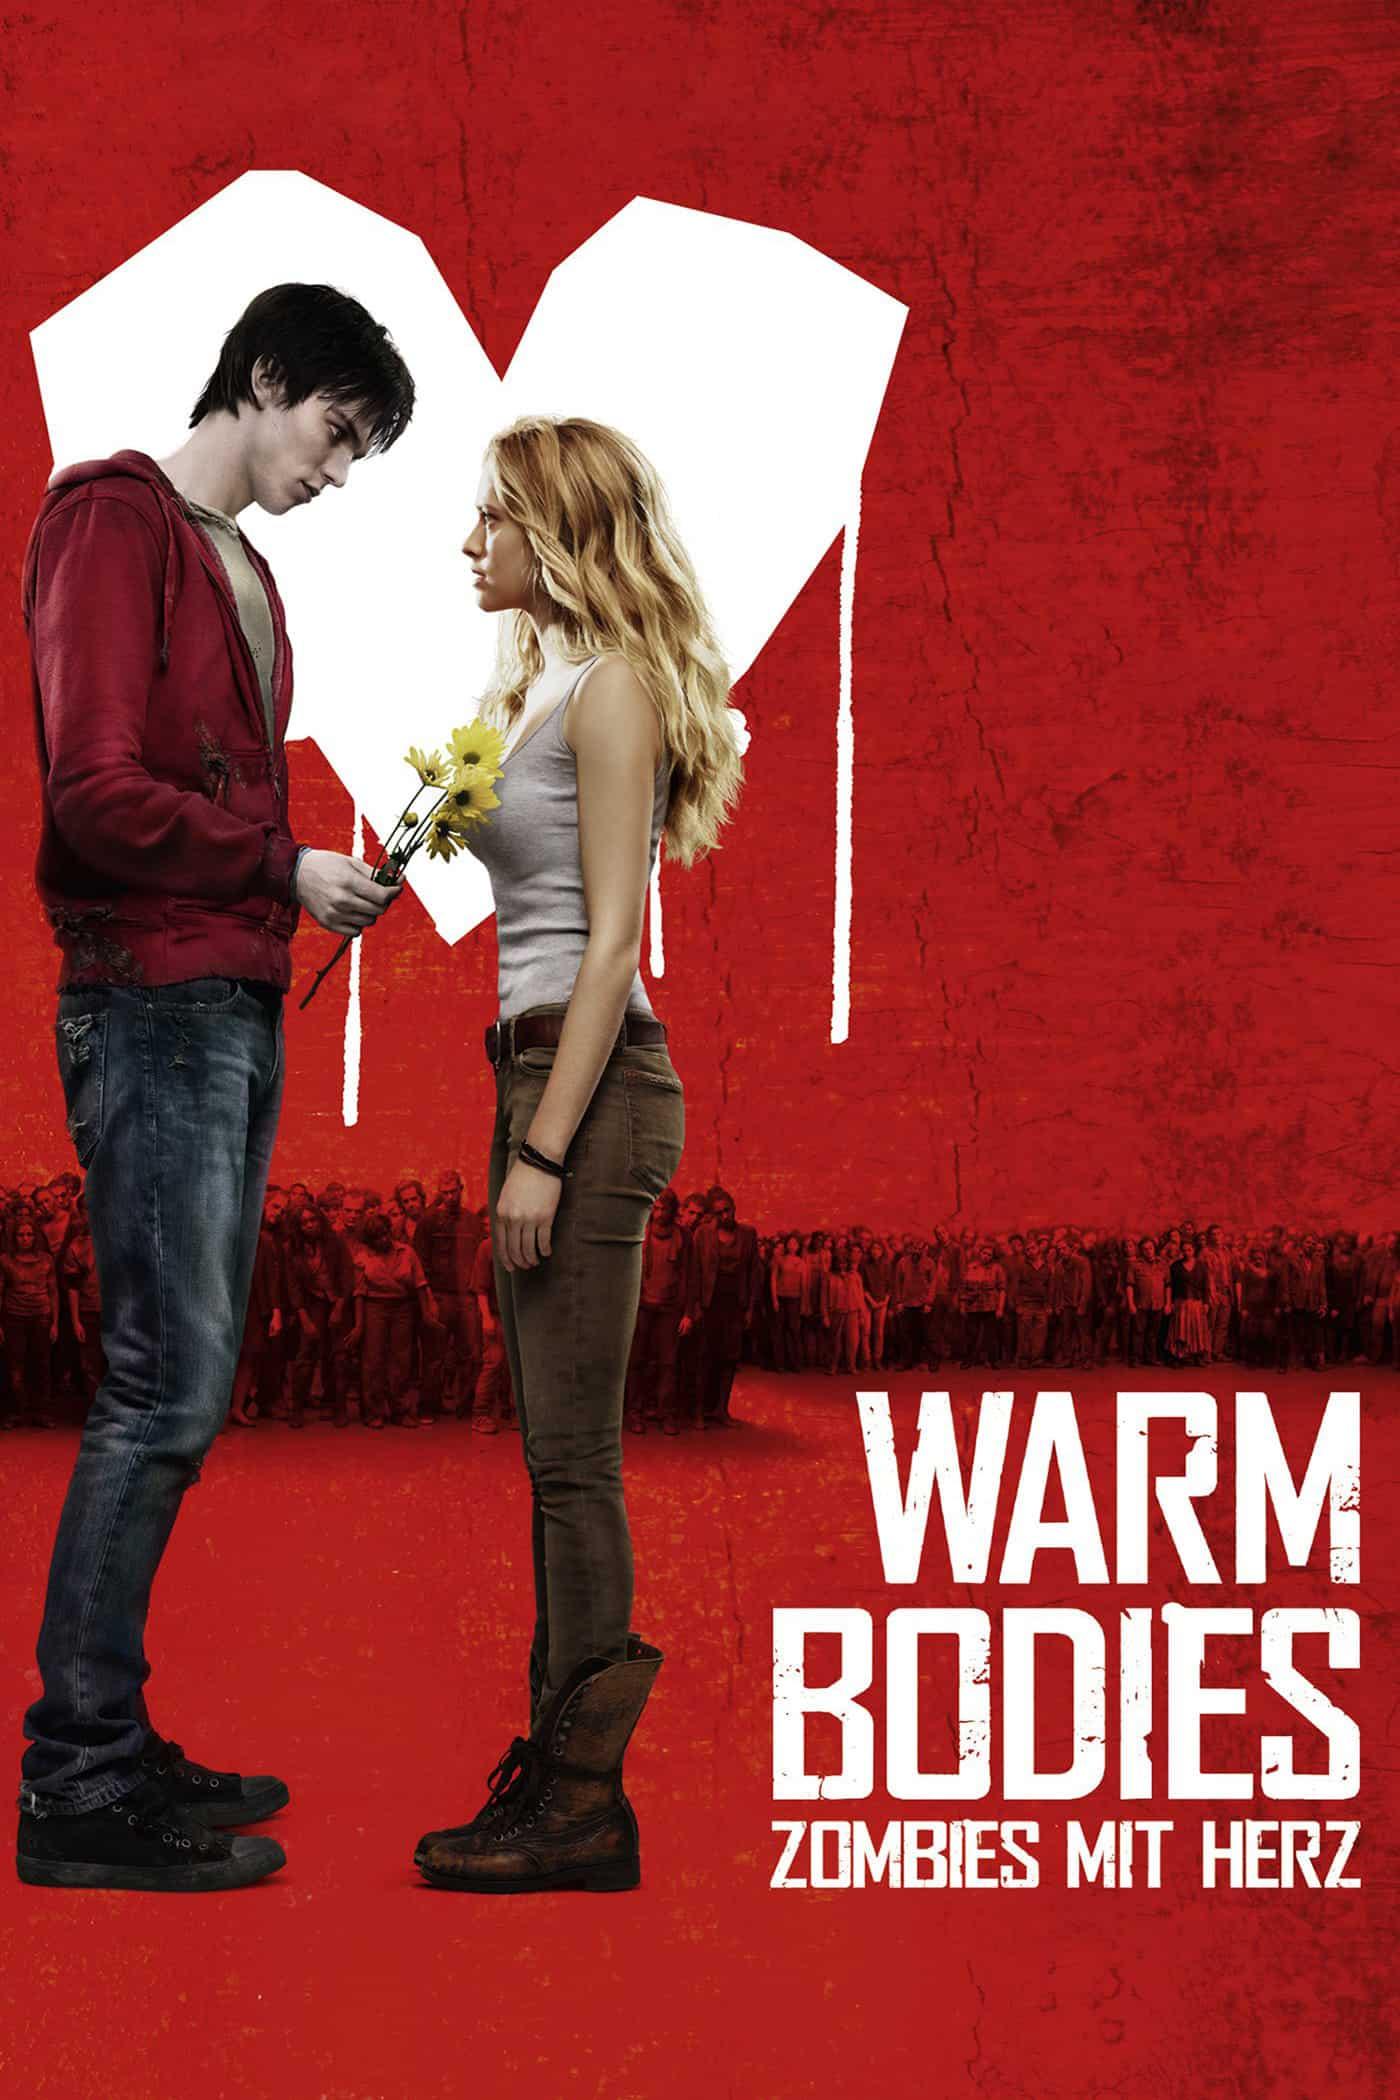 """Plakat von """"Warm Bodies - Zombies mit Herz"""""""